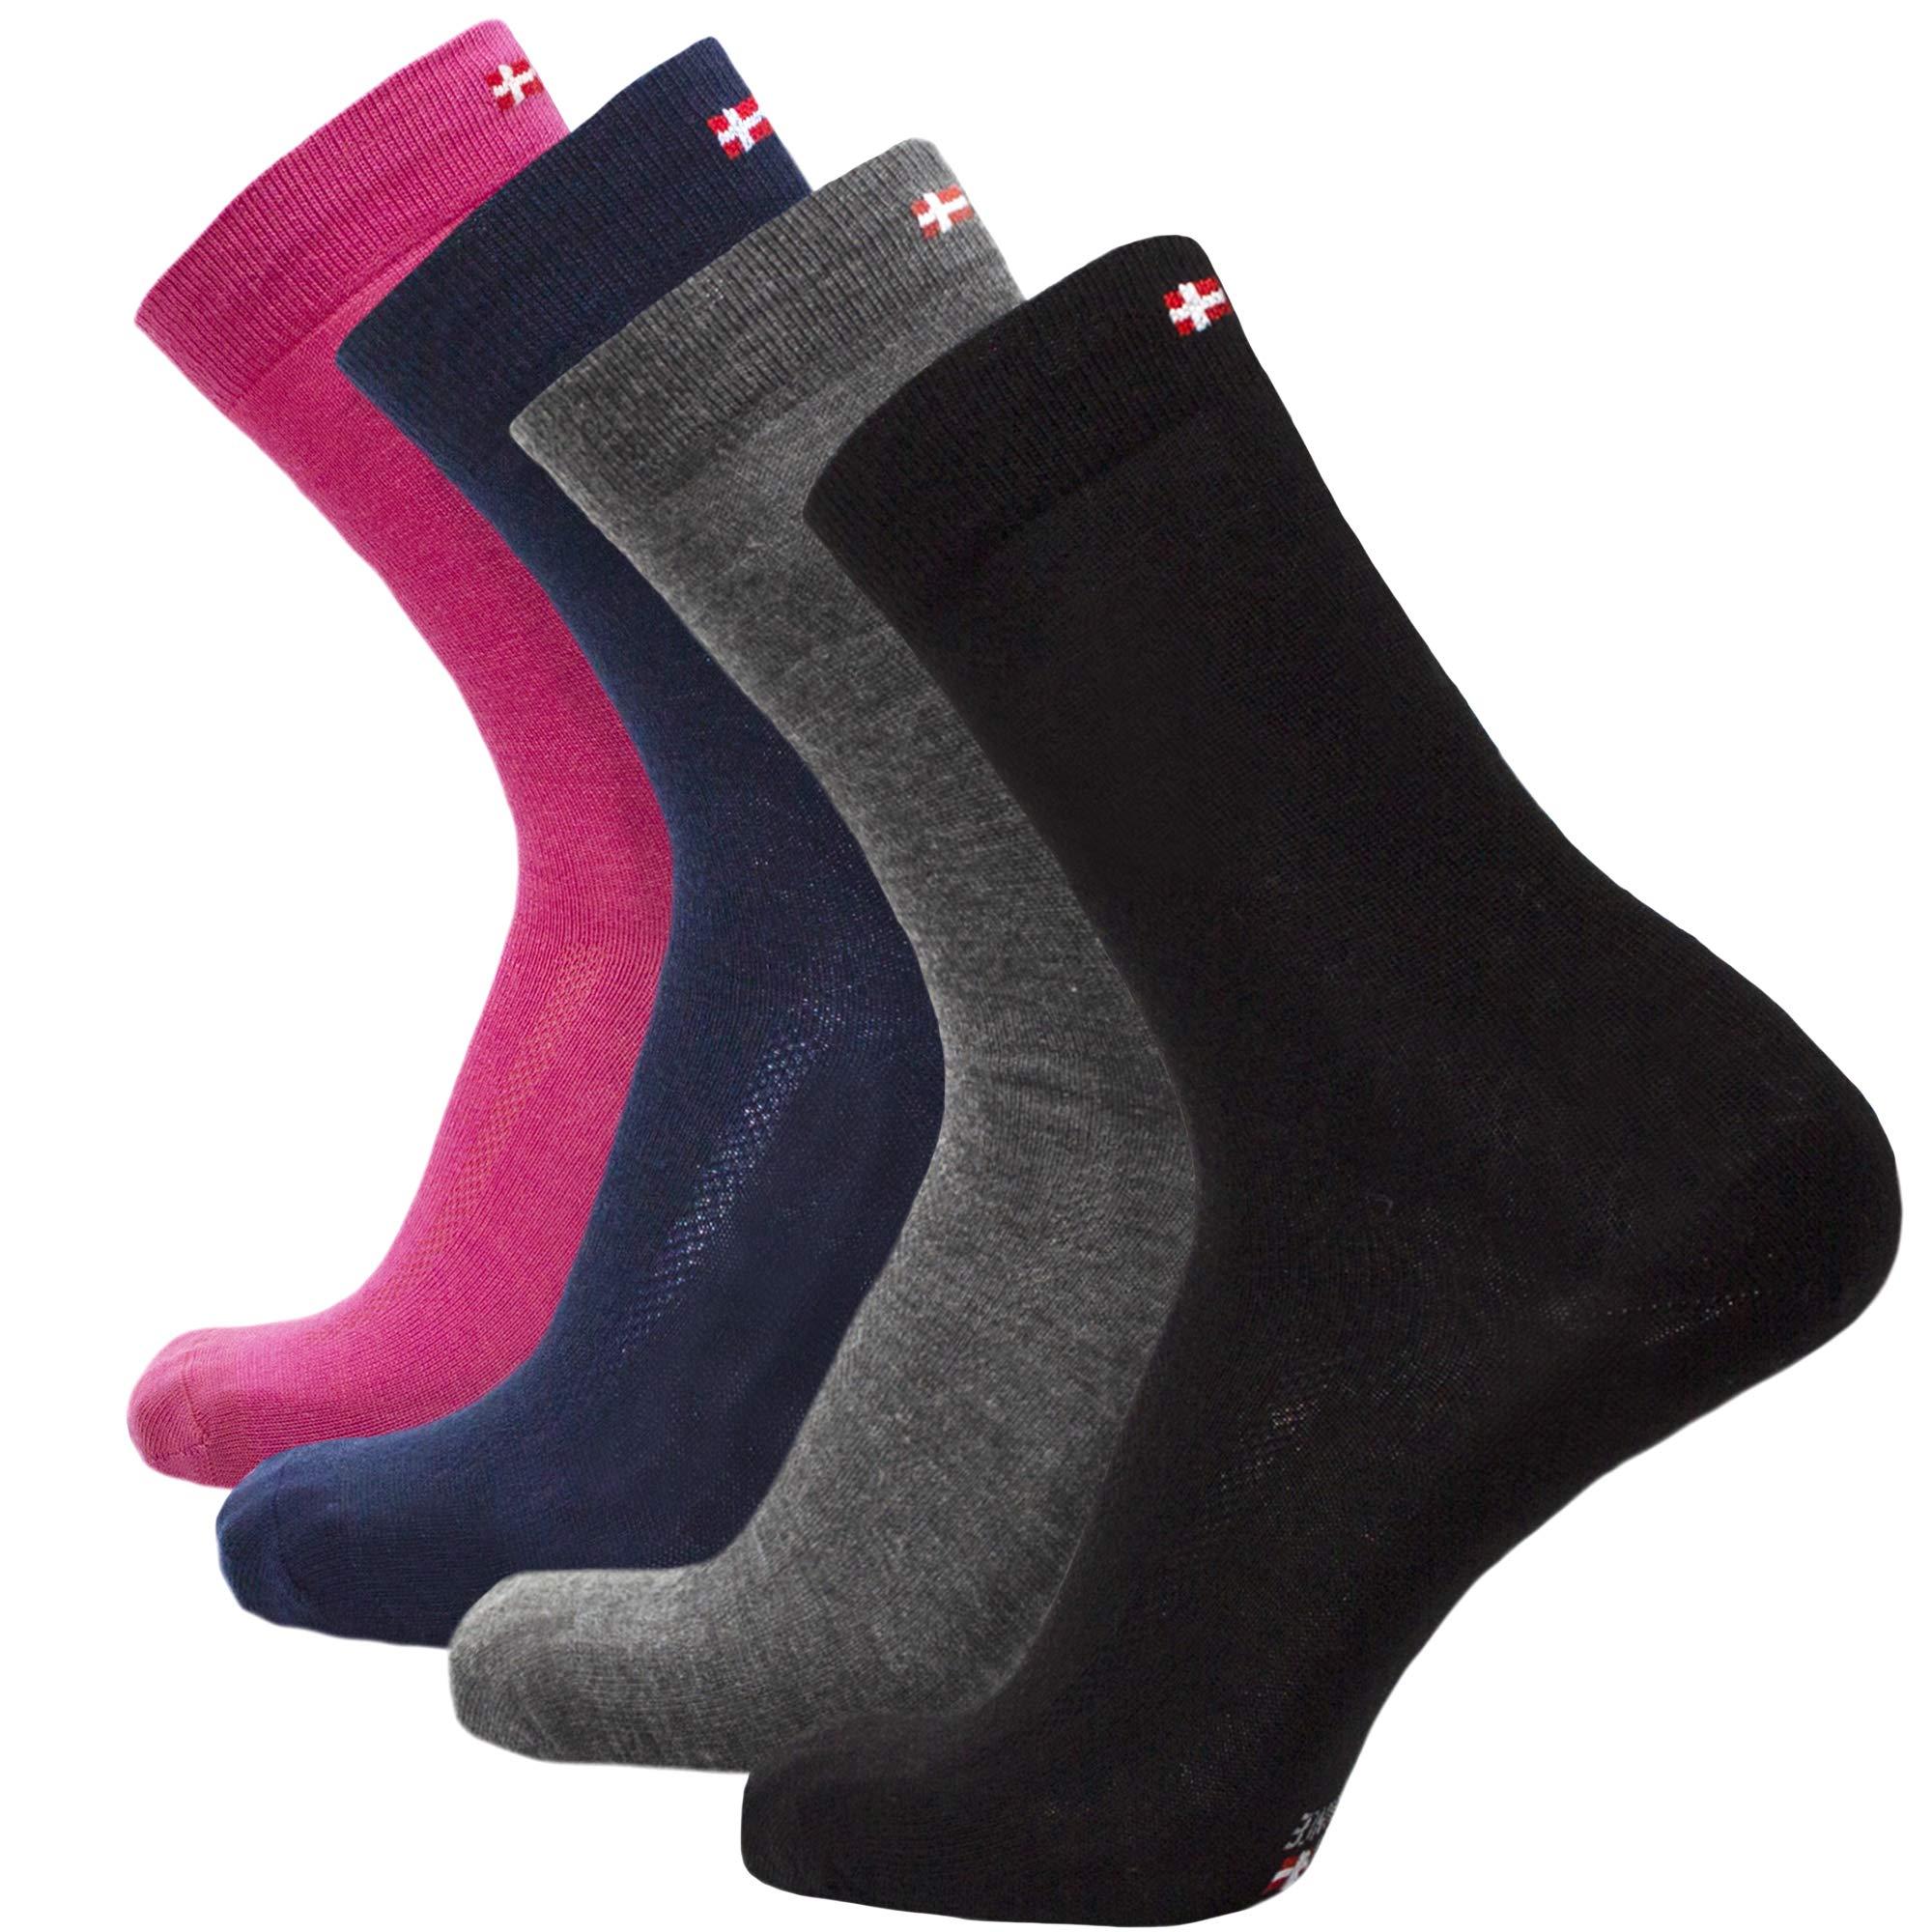 Der Sockenamp; Am Kategorie Für Besten Strümpfe Produkte In Bewertete Aj54LR